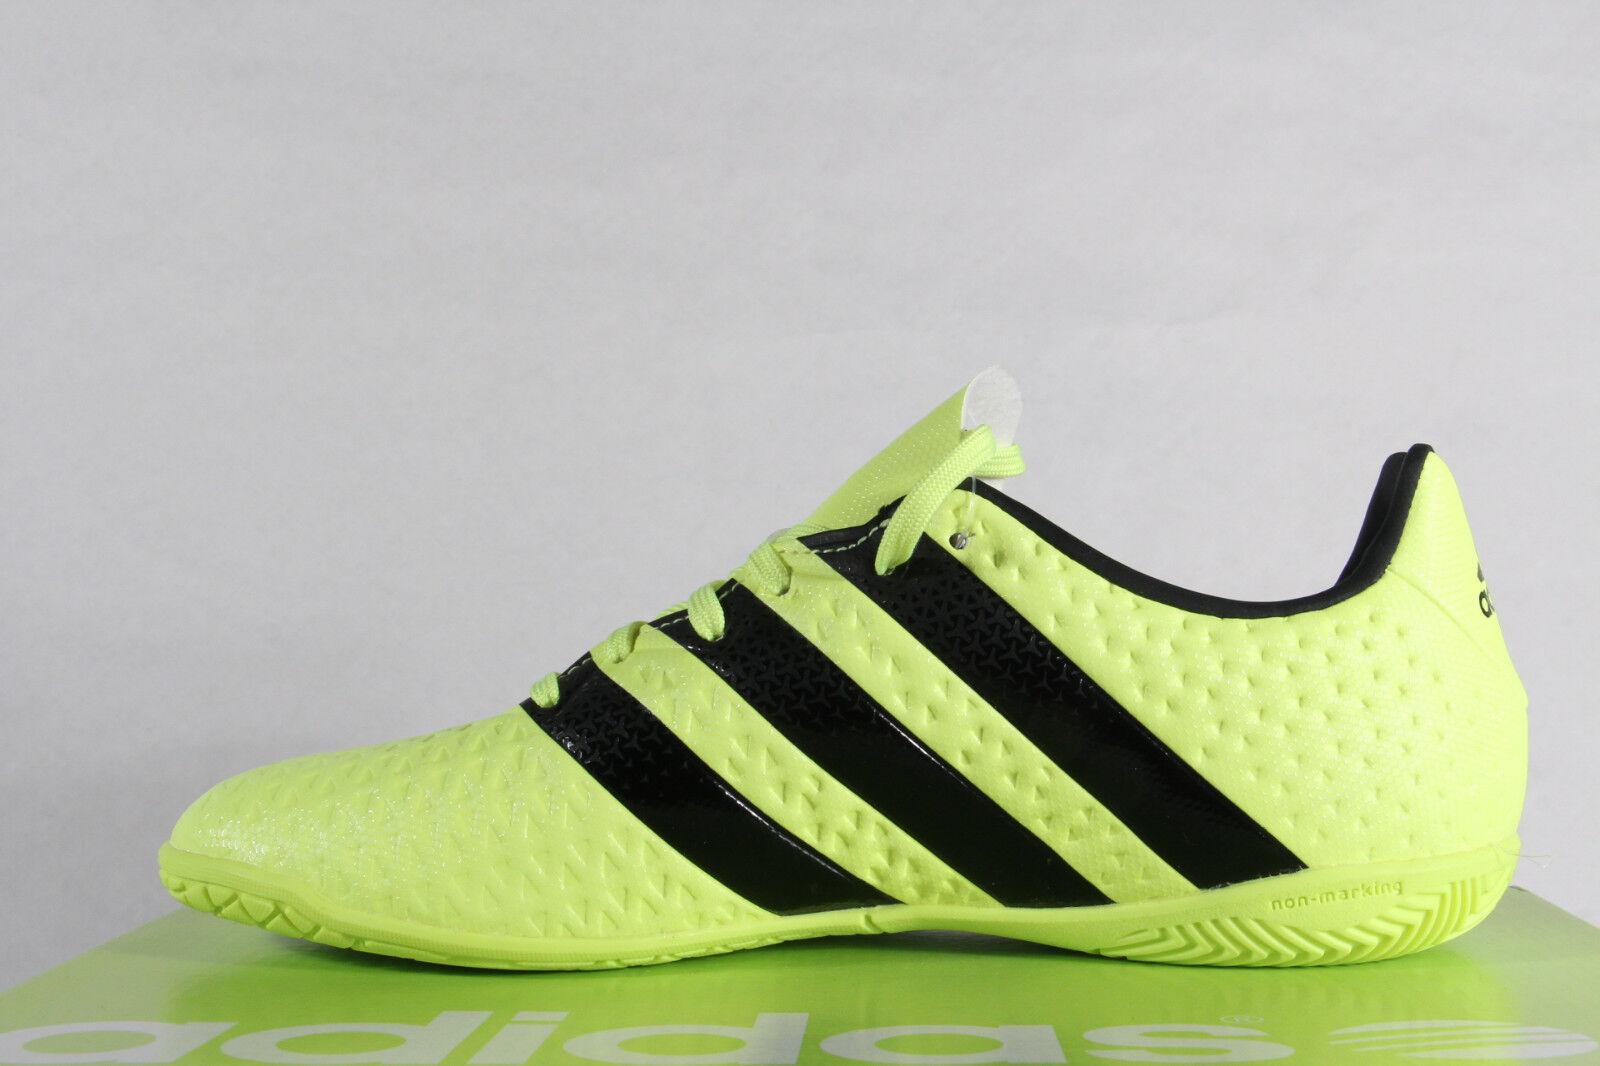 Adidas Uomo Scarpe con lacci lacci lacci scarpe da ginnastica ACE 16.4 Court Giallo NUOVO   In Uso Durevole  80753f